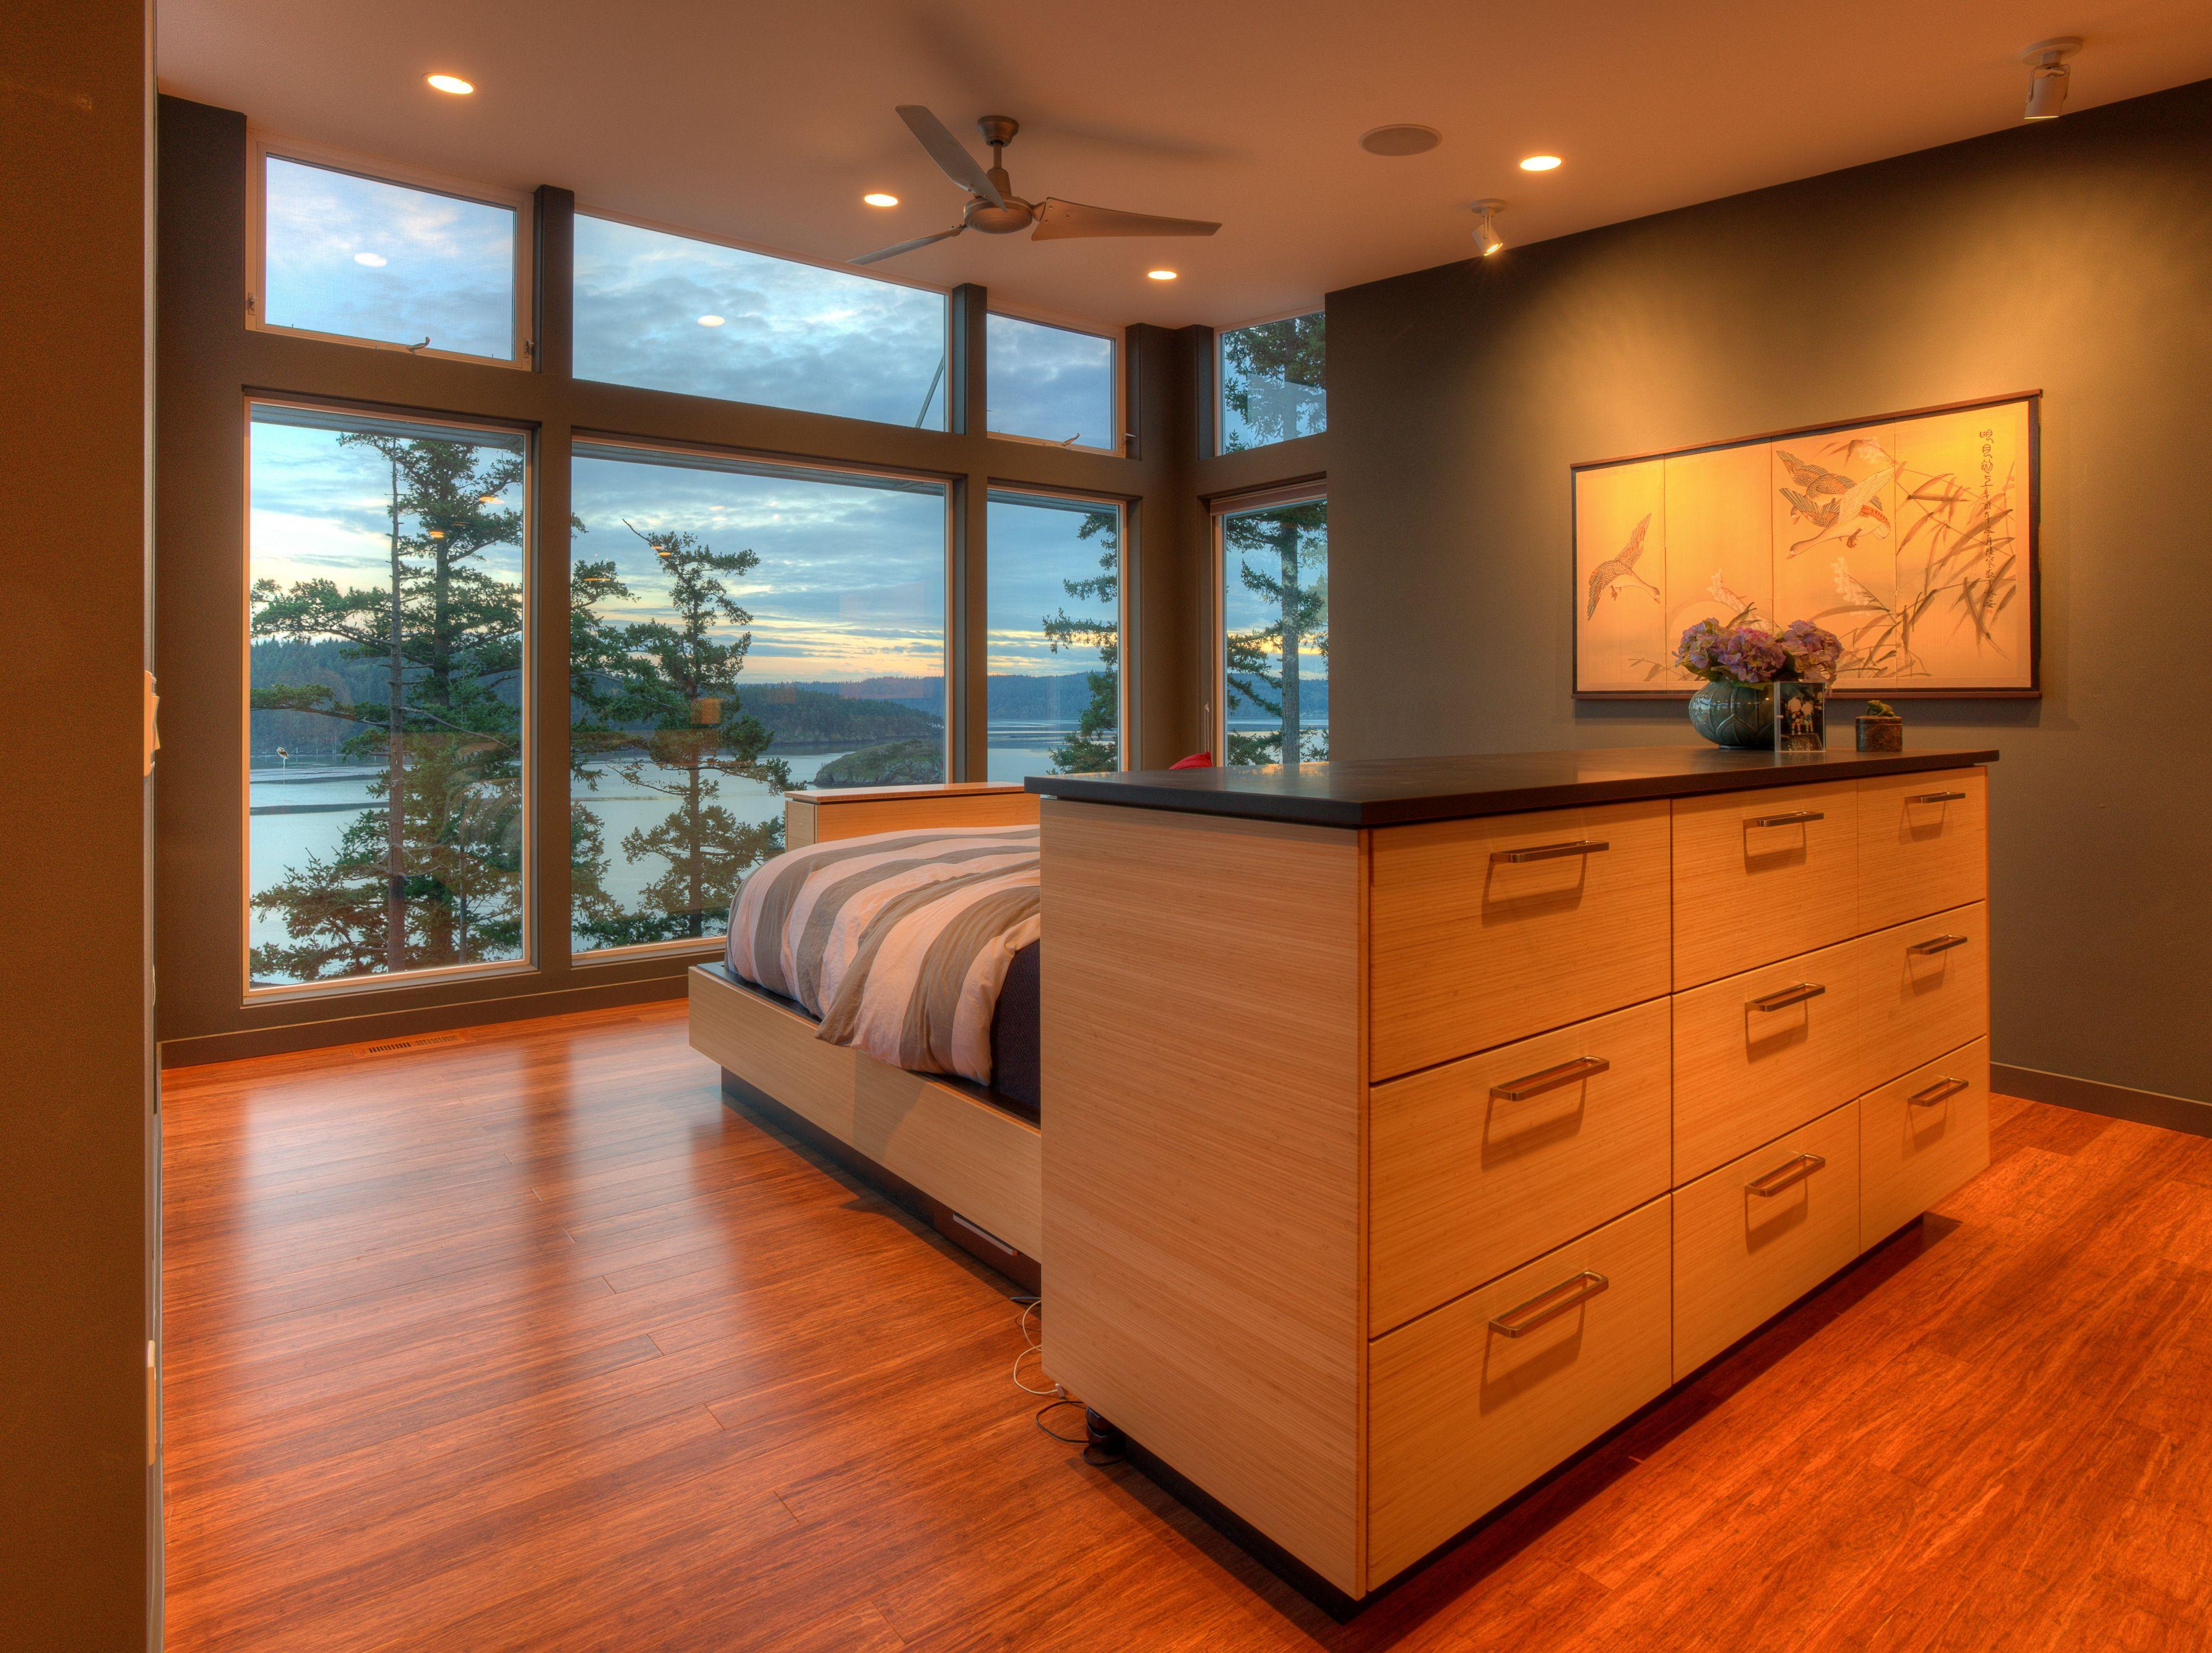 Shelter Bay Residence Master Bedroom Designs Northwest Architects Bed In Middle Of Room Remodel Bedroom Bedroom Design